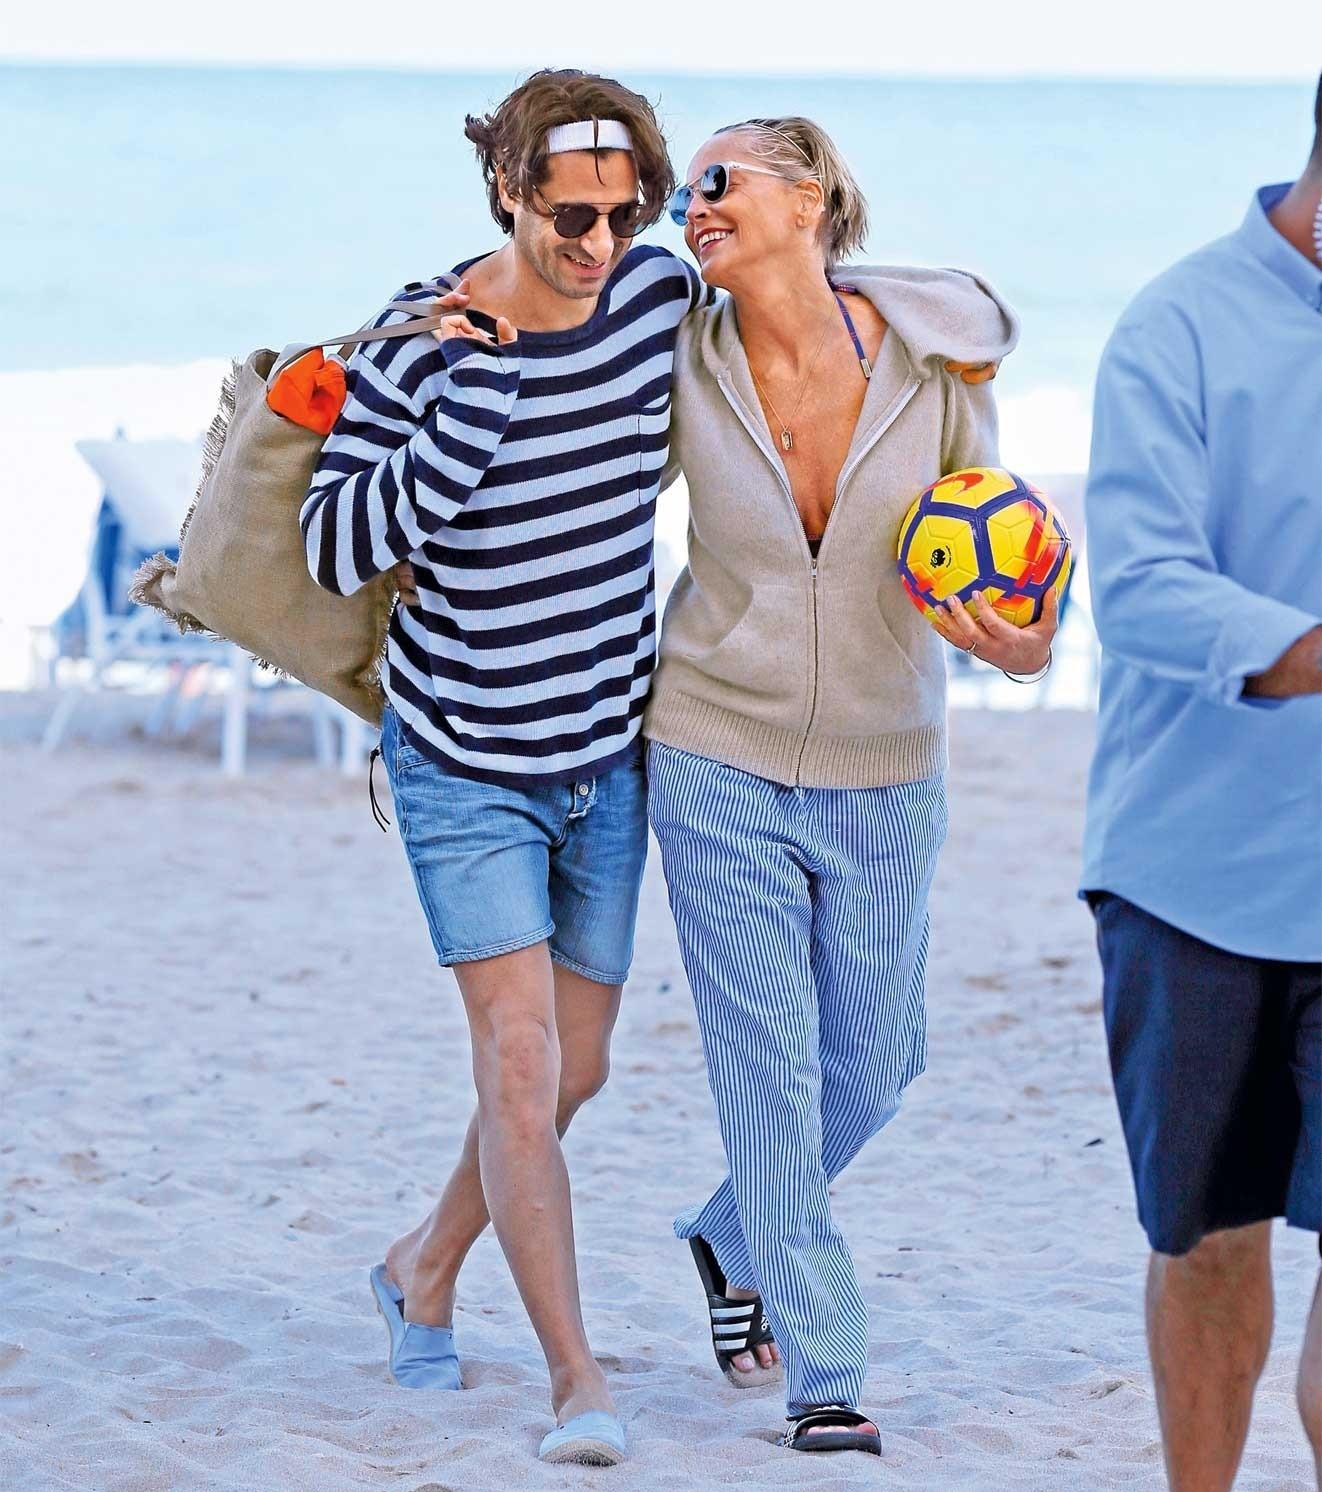 Папарацци поймали влюбленную пару на пляже в Майами.